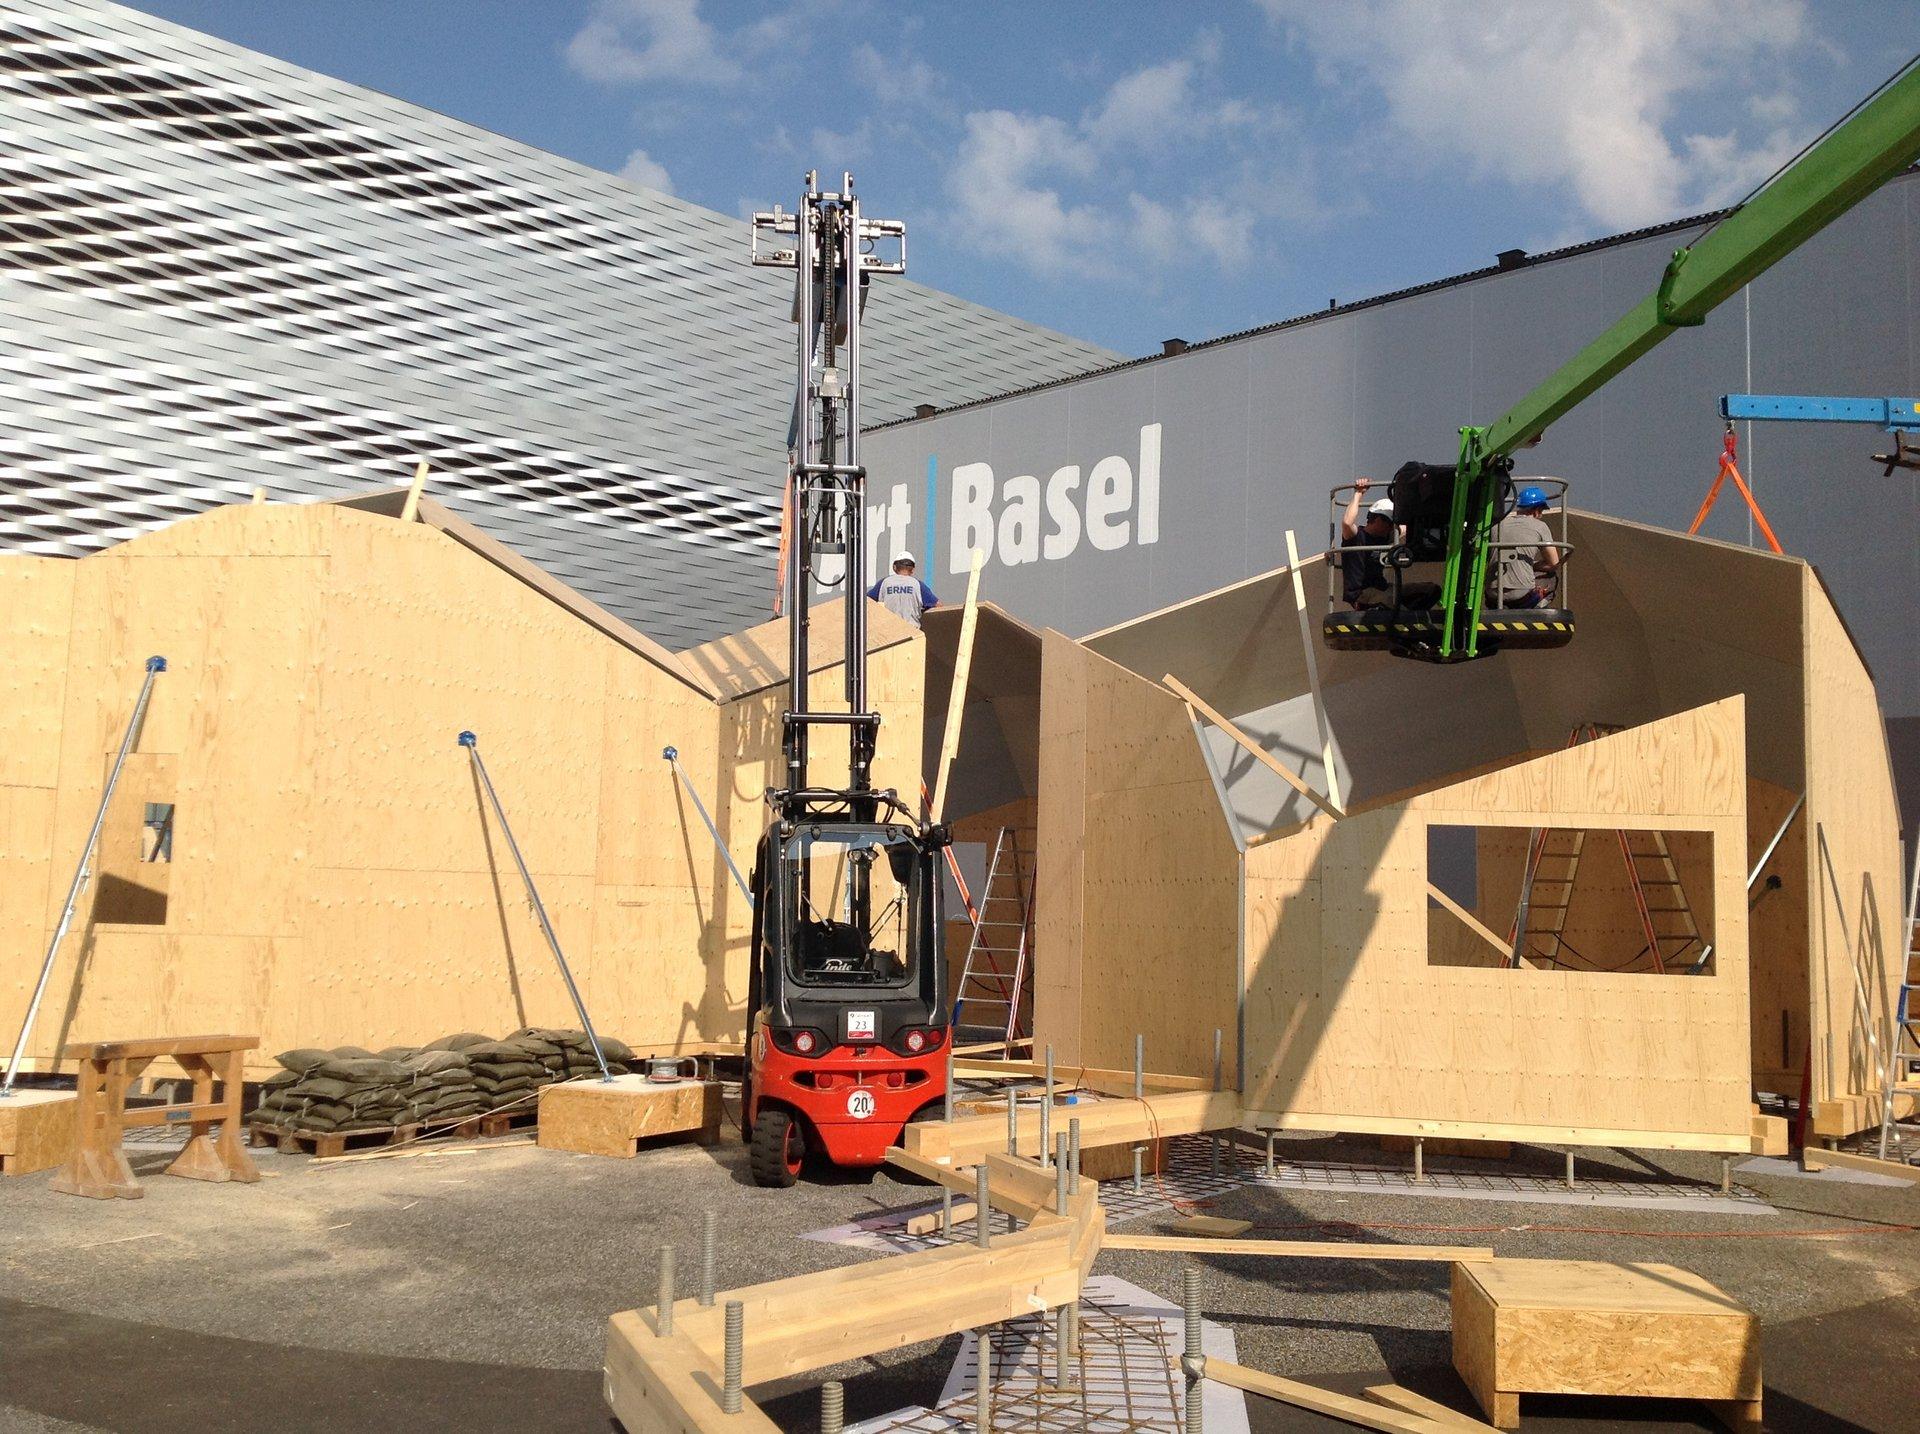 4-teiliges 3-dimensionales Holzkonstrukt im Bau mit Stapler